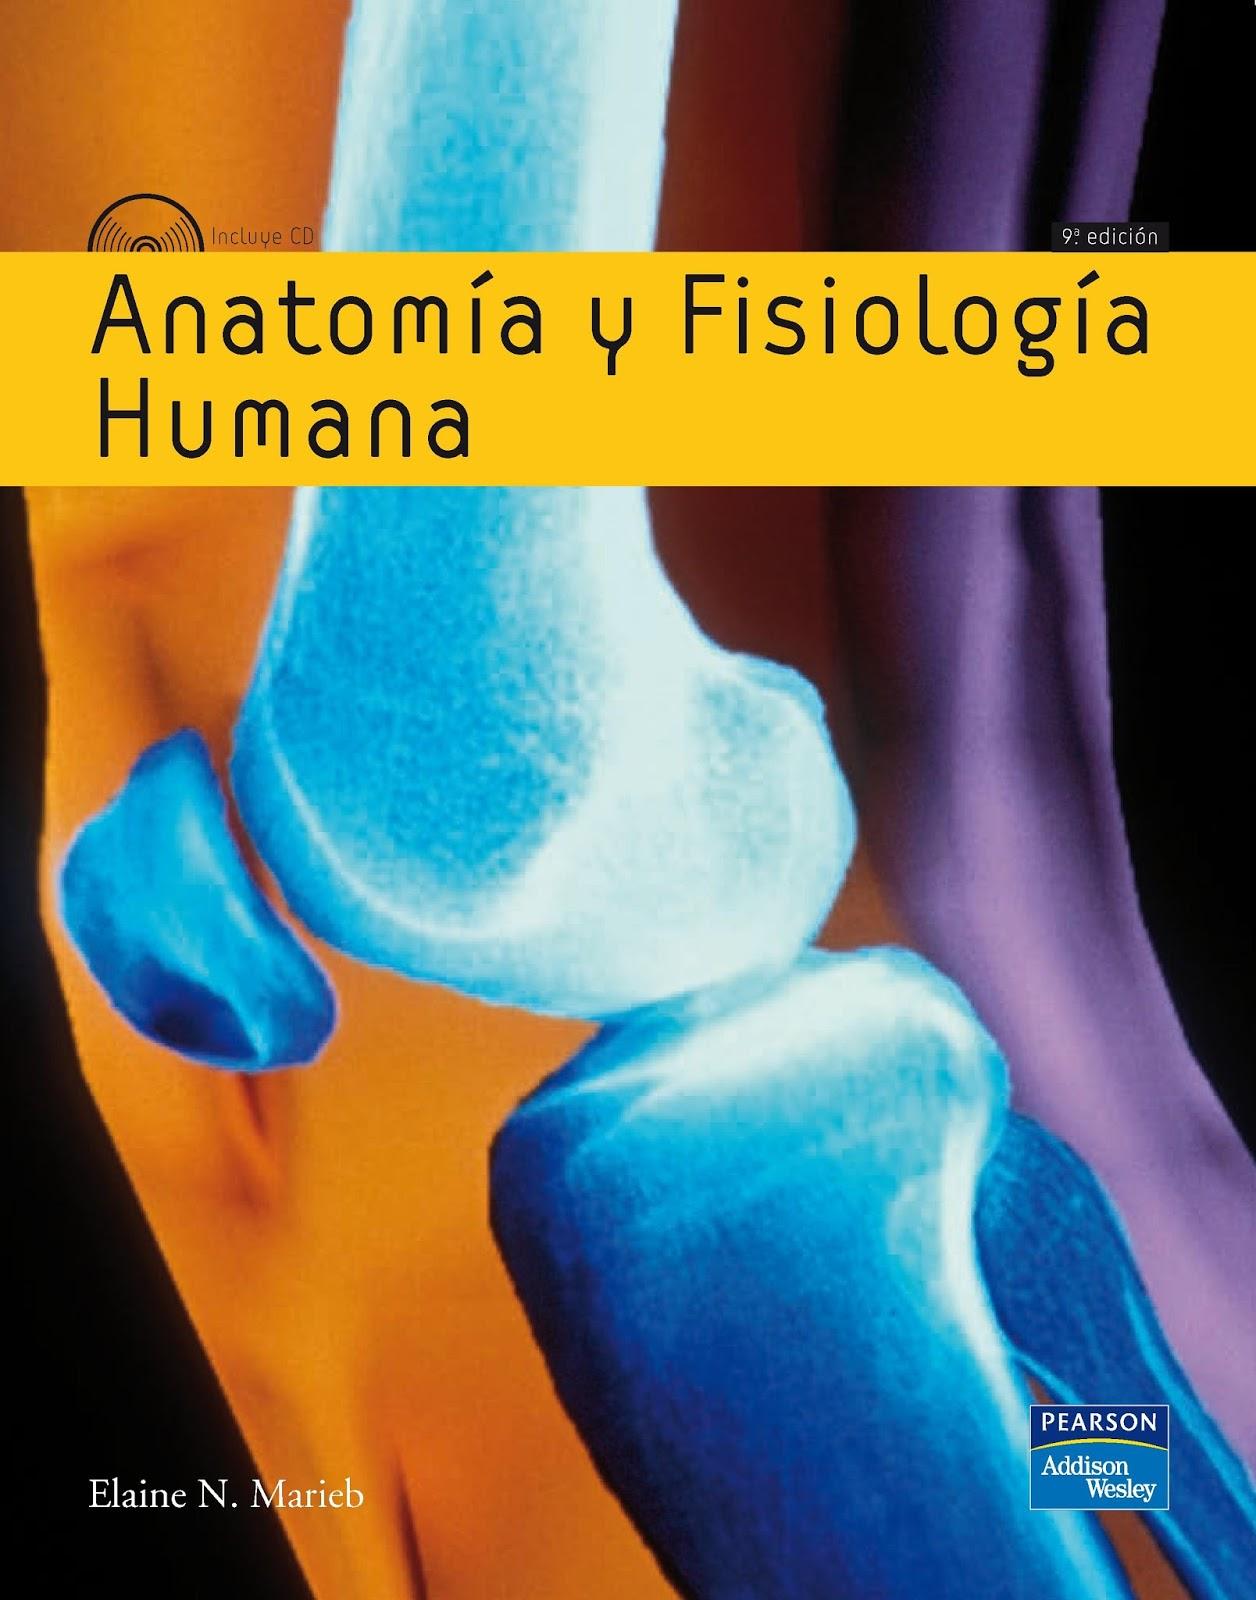 Anatomía y fisiología Humana, 9na. Edición – Elaine N. Marieb ...